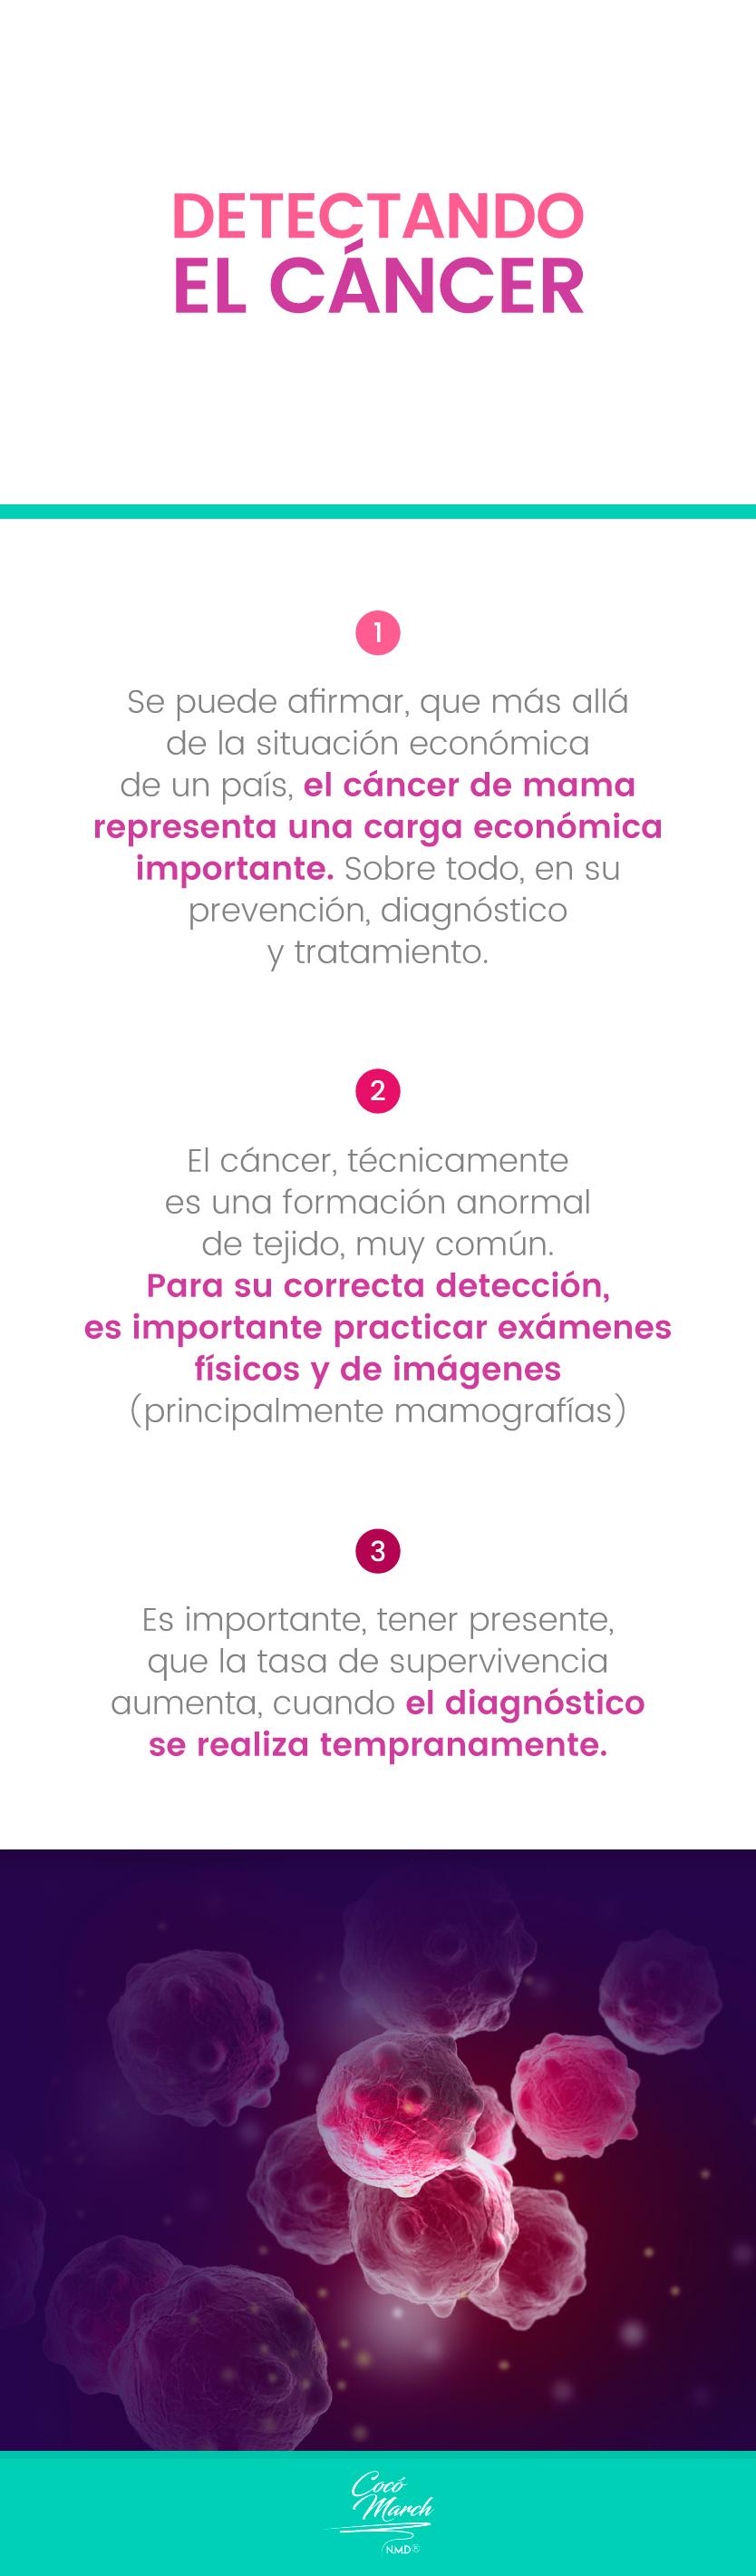 detectando-el-cancer